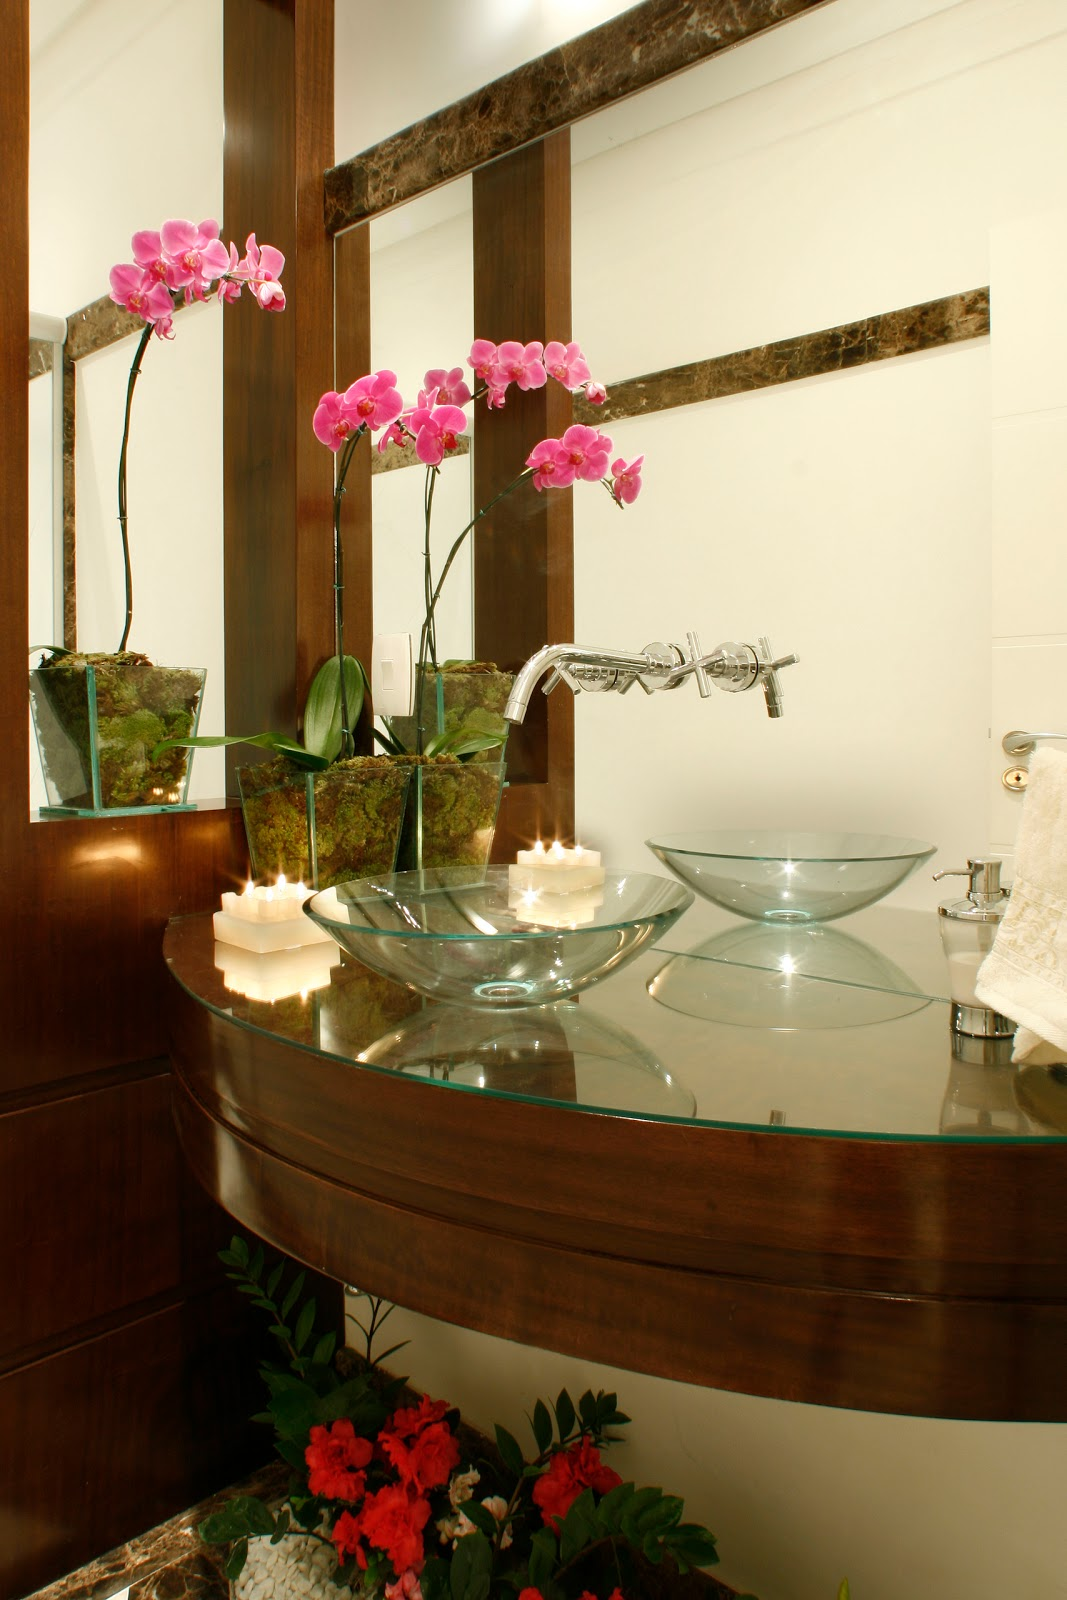 decoracao banheiro antigo:Decor Samira Ferro: DECORANDO SEU BANHEIRO  #311C06 1067x1600 Banheiro Antigo Decoração